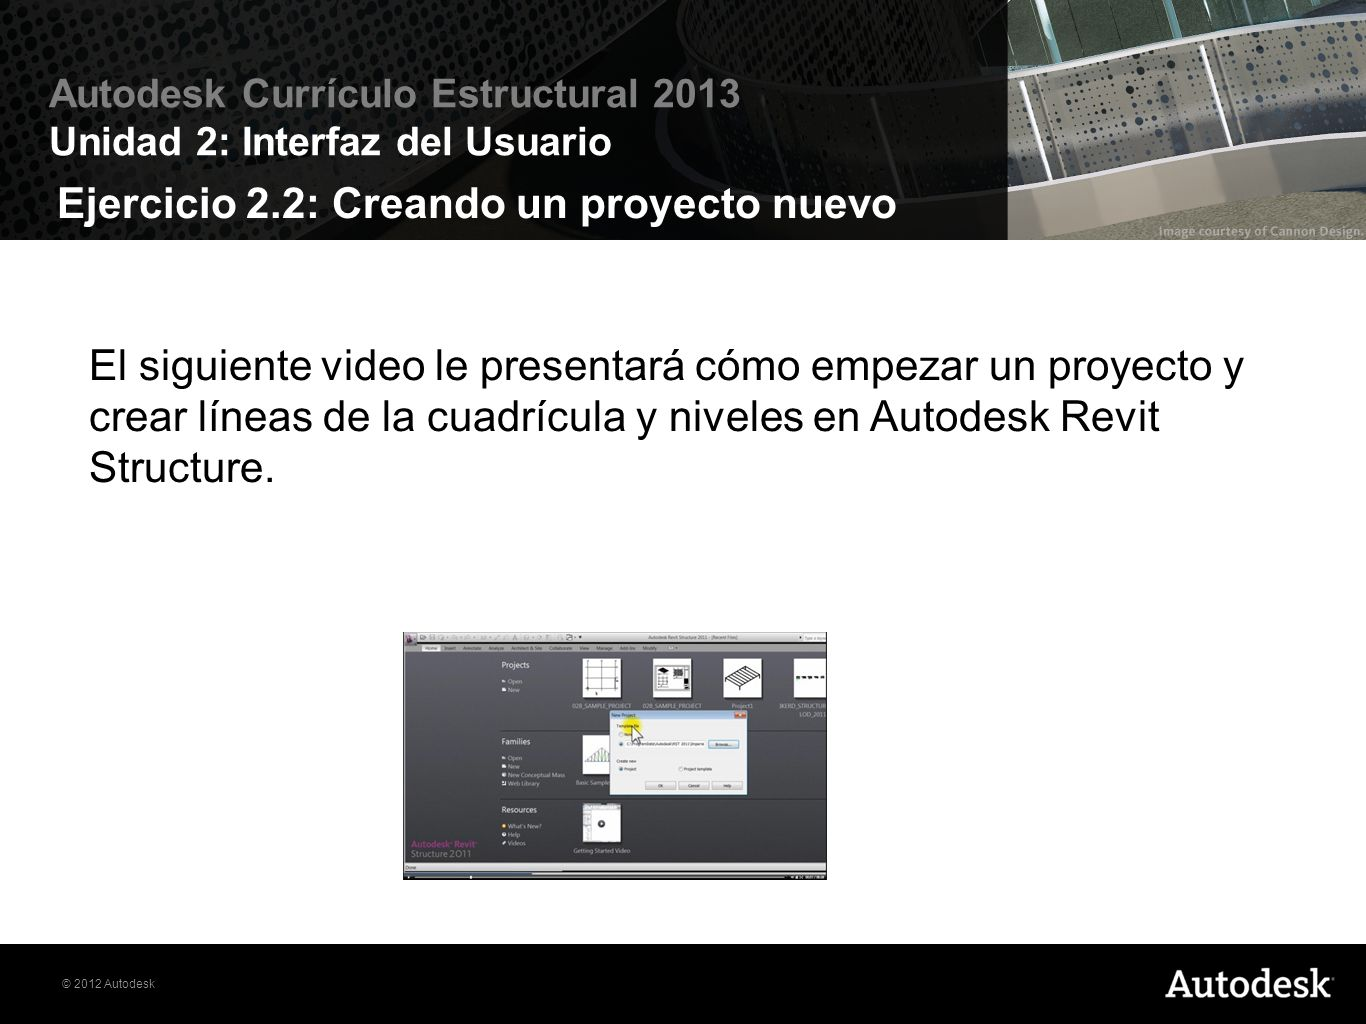 Ejercicio 2.2: Creando un proyecto nuevo